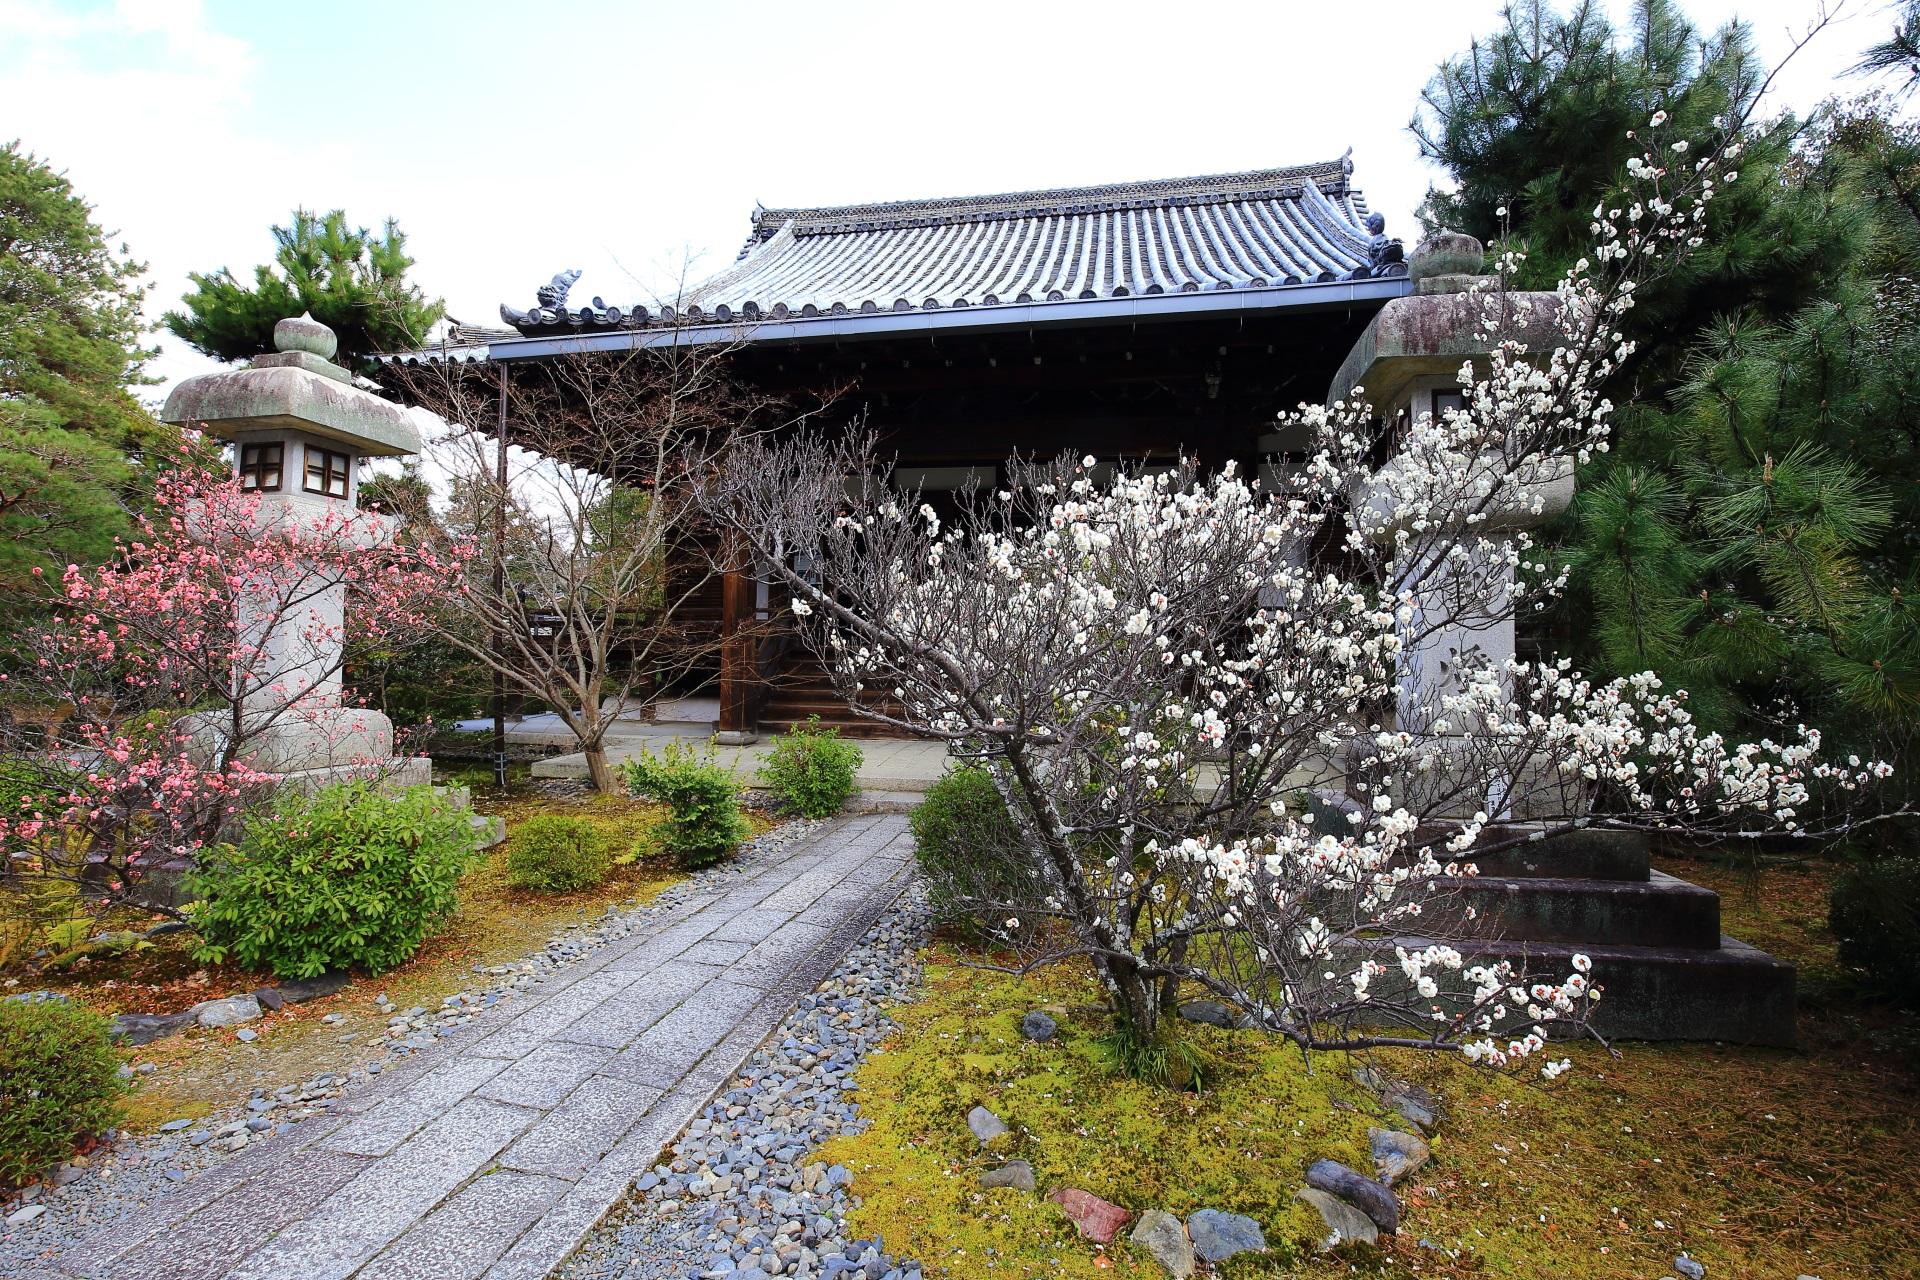 嵯峨釈迦堂(清涼寺)の素晴らしい梅と情景